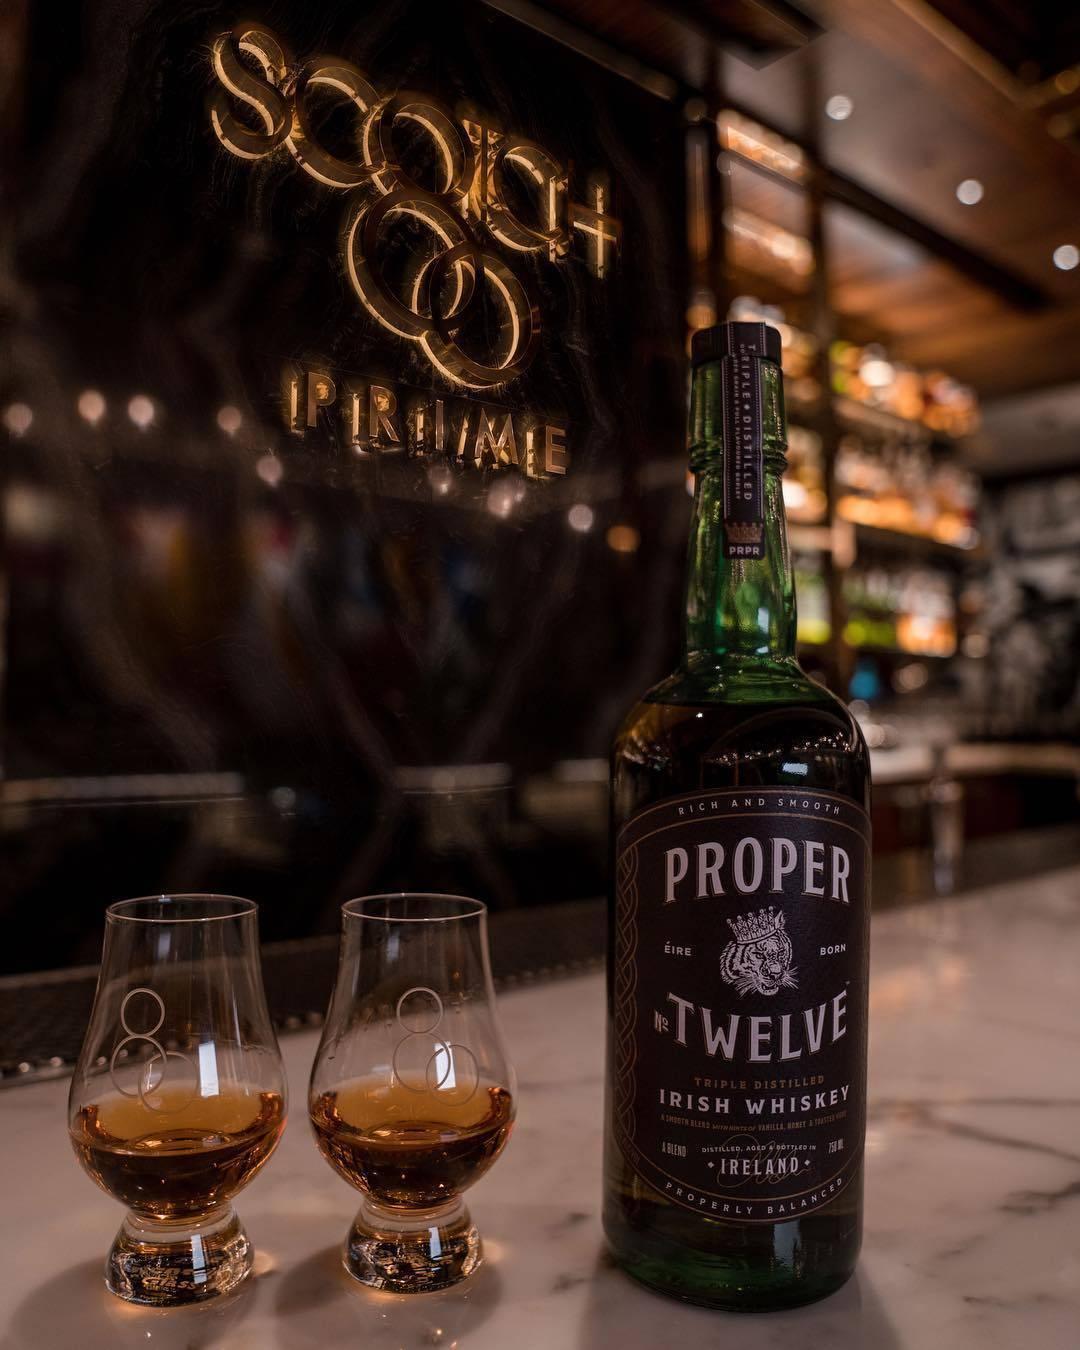 Историческое событие в мире крепких напитков - новый виски proper twelve от конора макгрегора